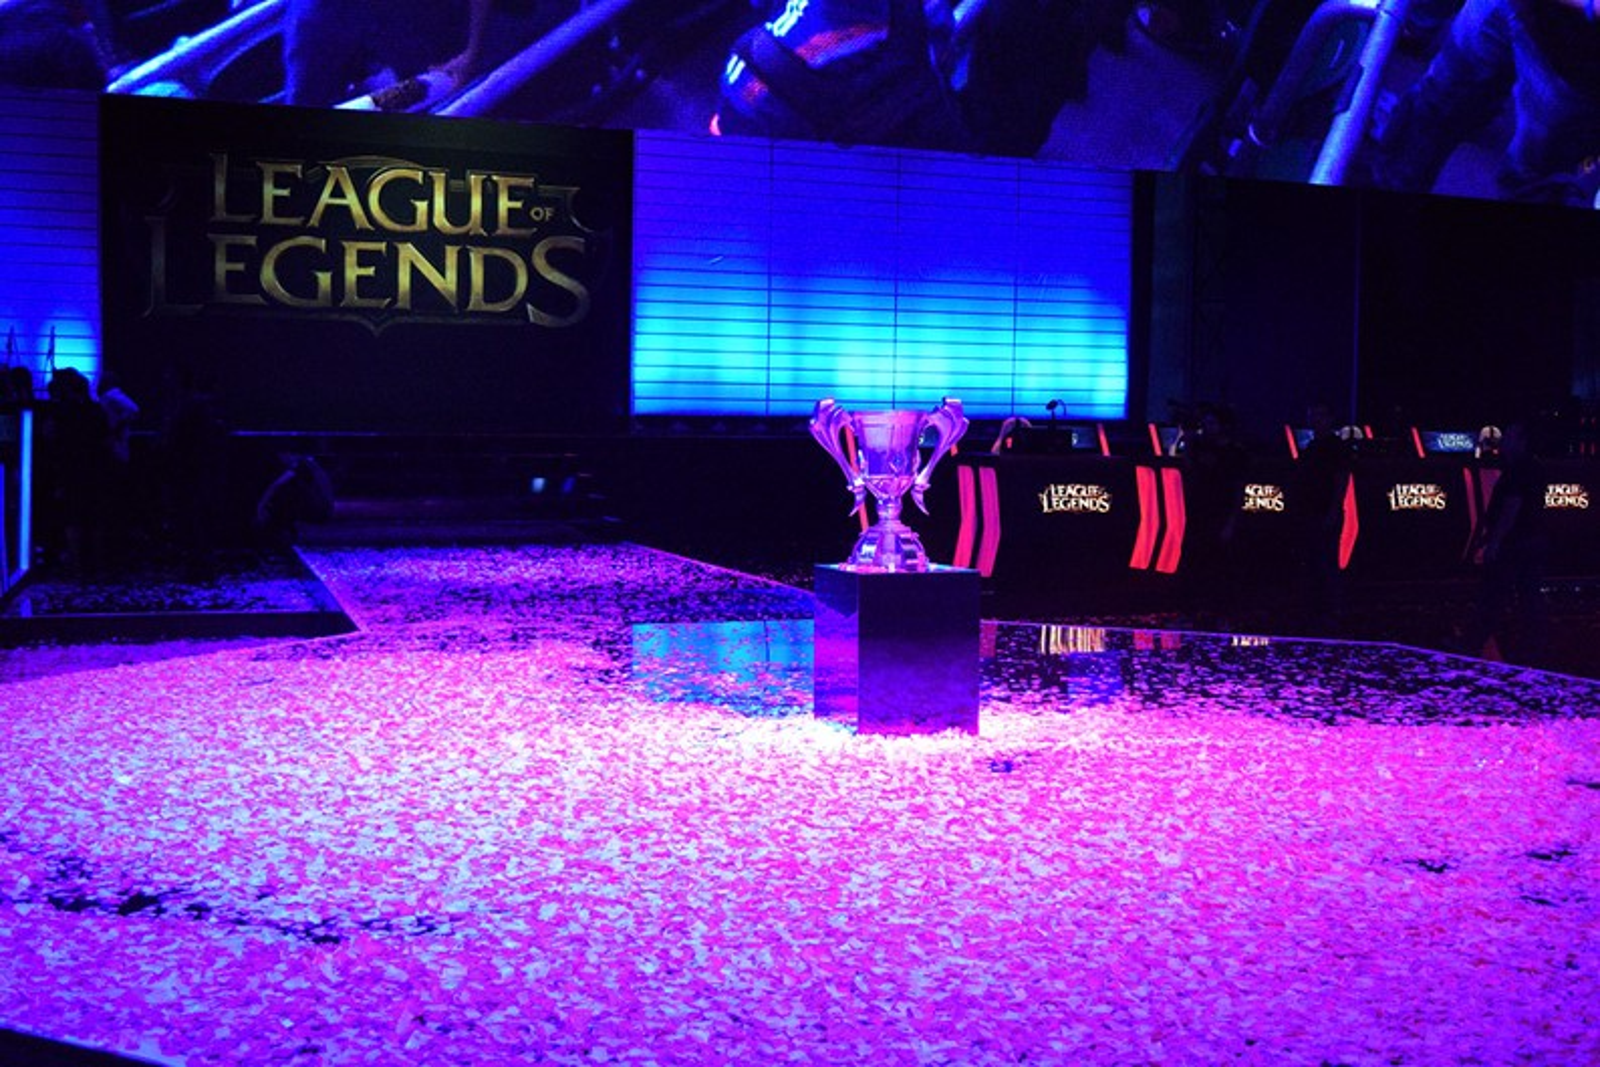 Campeão! Shows, game parelho e jogada épica marcam vitória da paiN no CBLoL